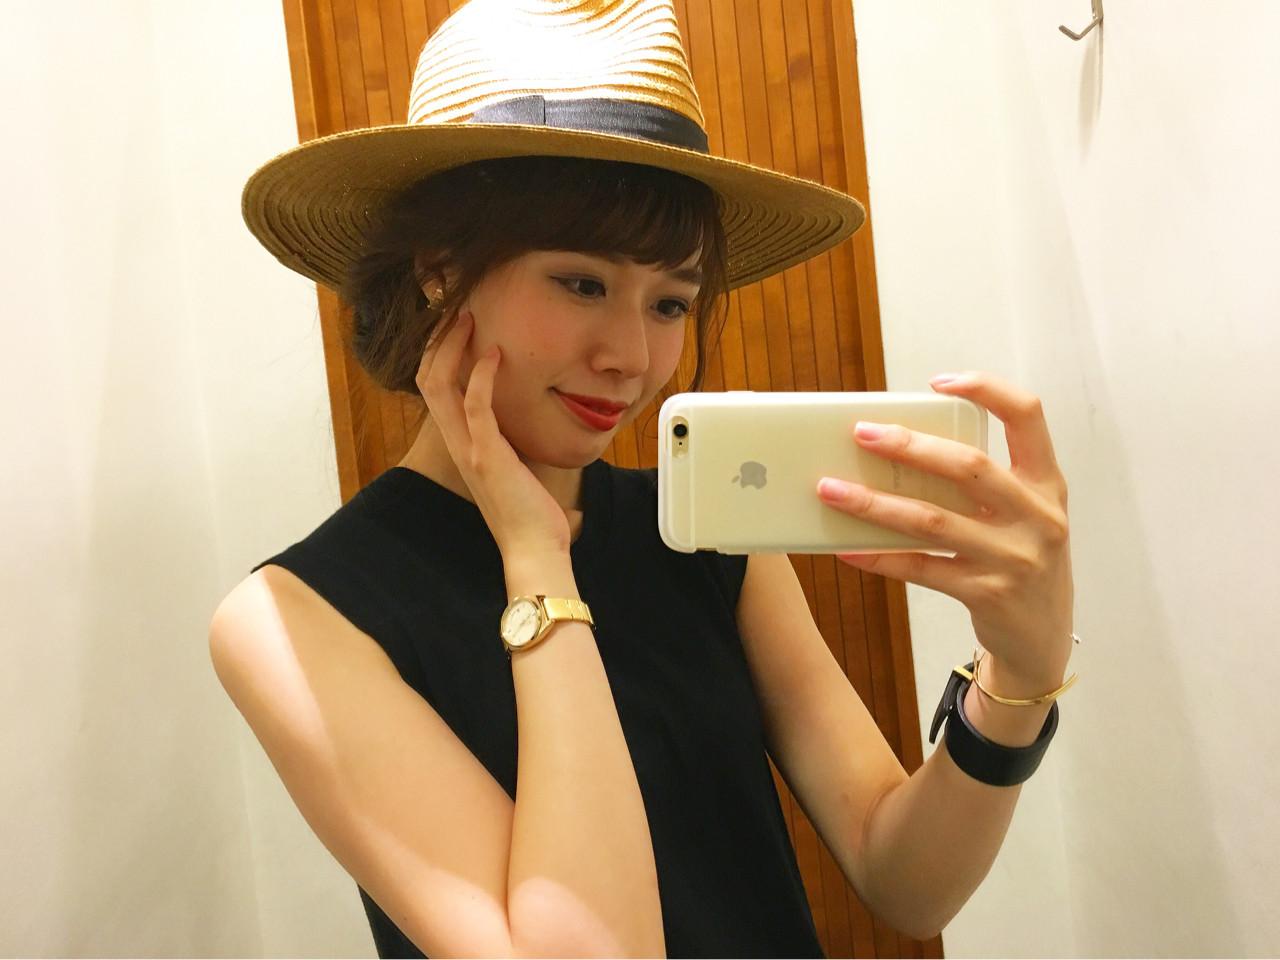 ゆるふわ ハット 簡単ヘアアレンジ ヘアアレンジ ヘアスタイルや髪型の写真・画像 | 桐谷 芽依 /